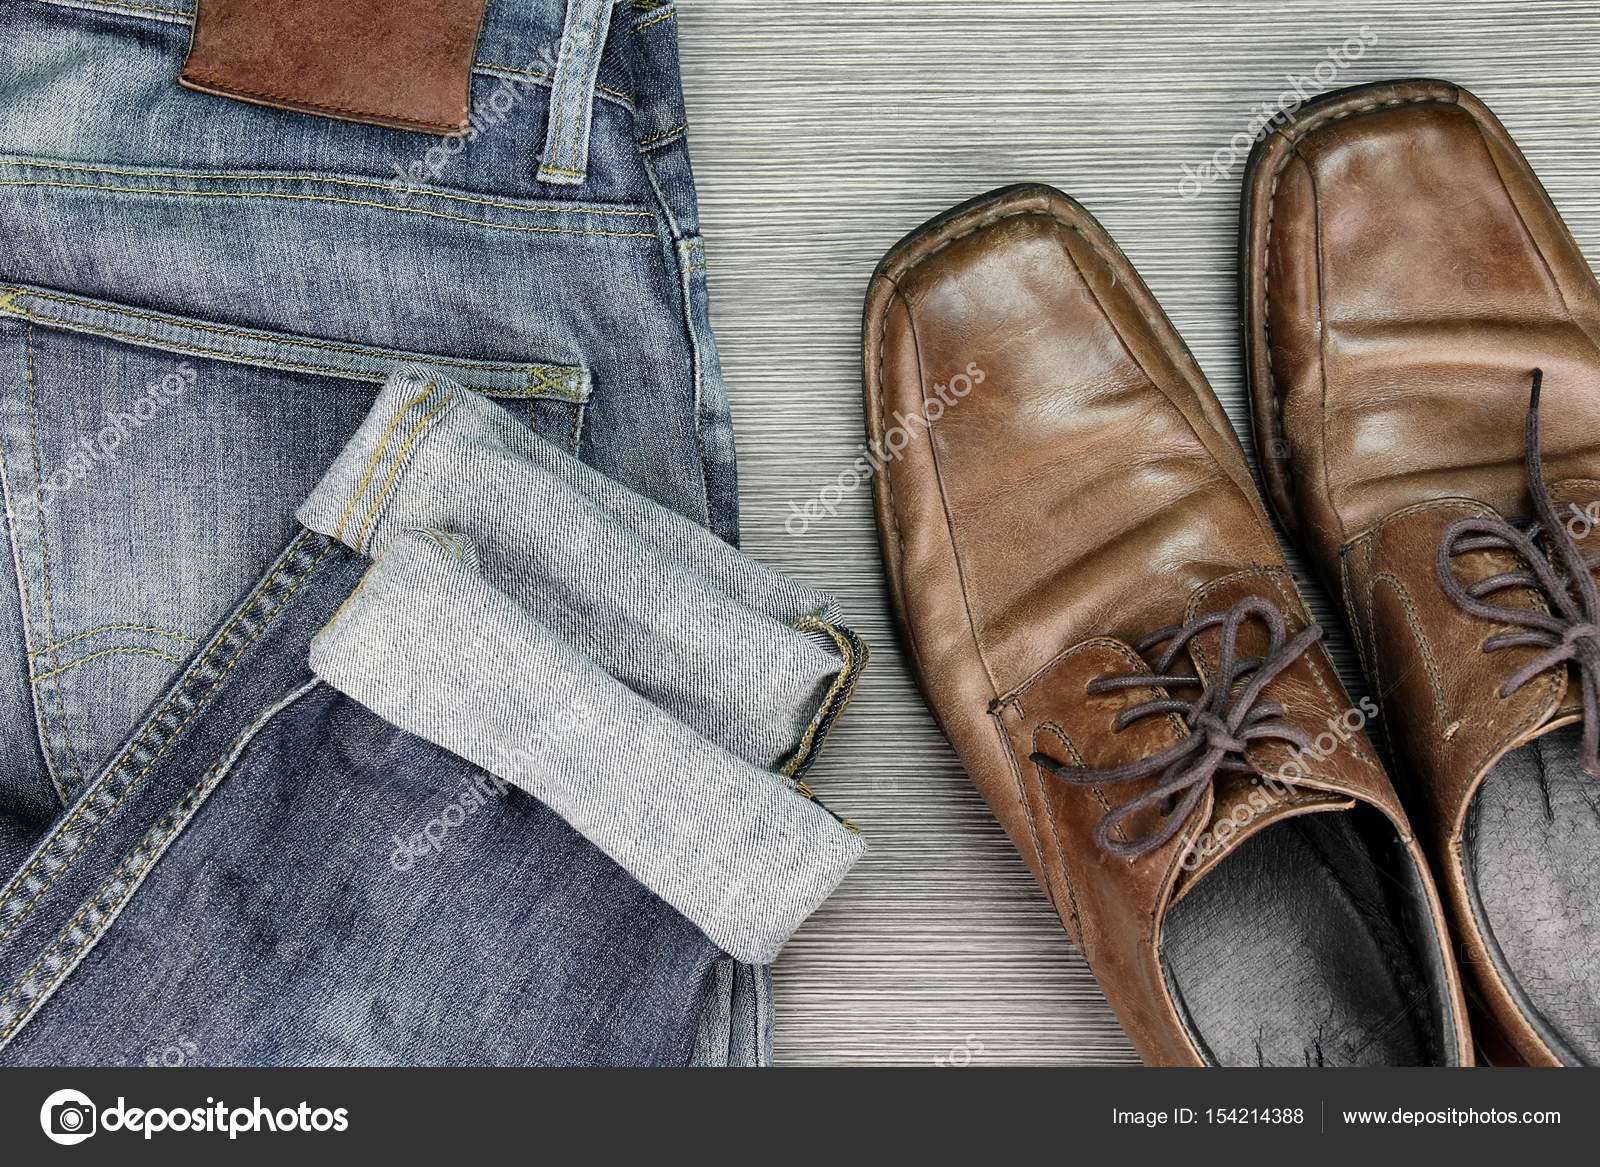 Moda Elegante Cuero CasualJeans HombresRopa Y De AzulZapatos uKc1J5lTF3